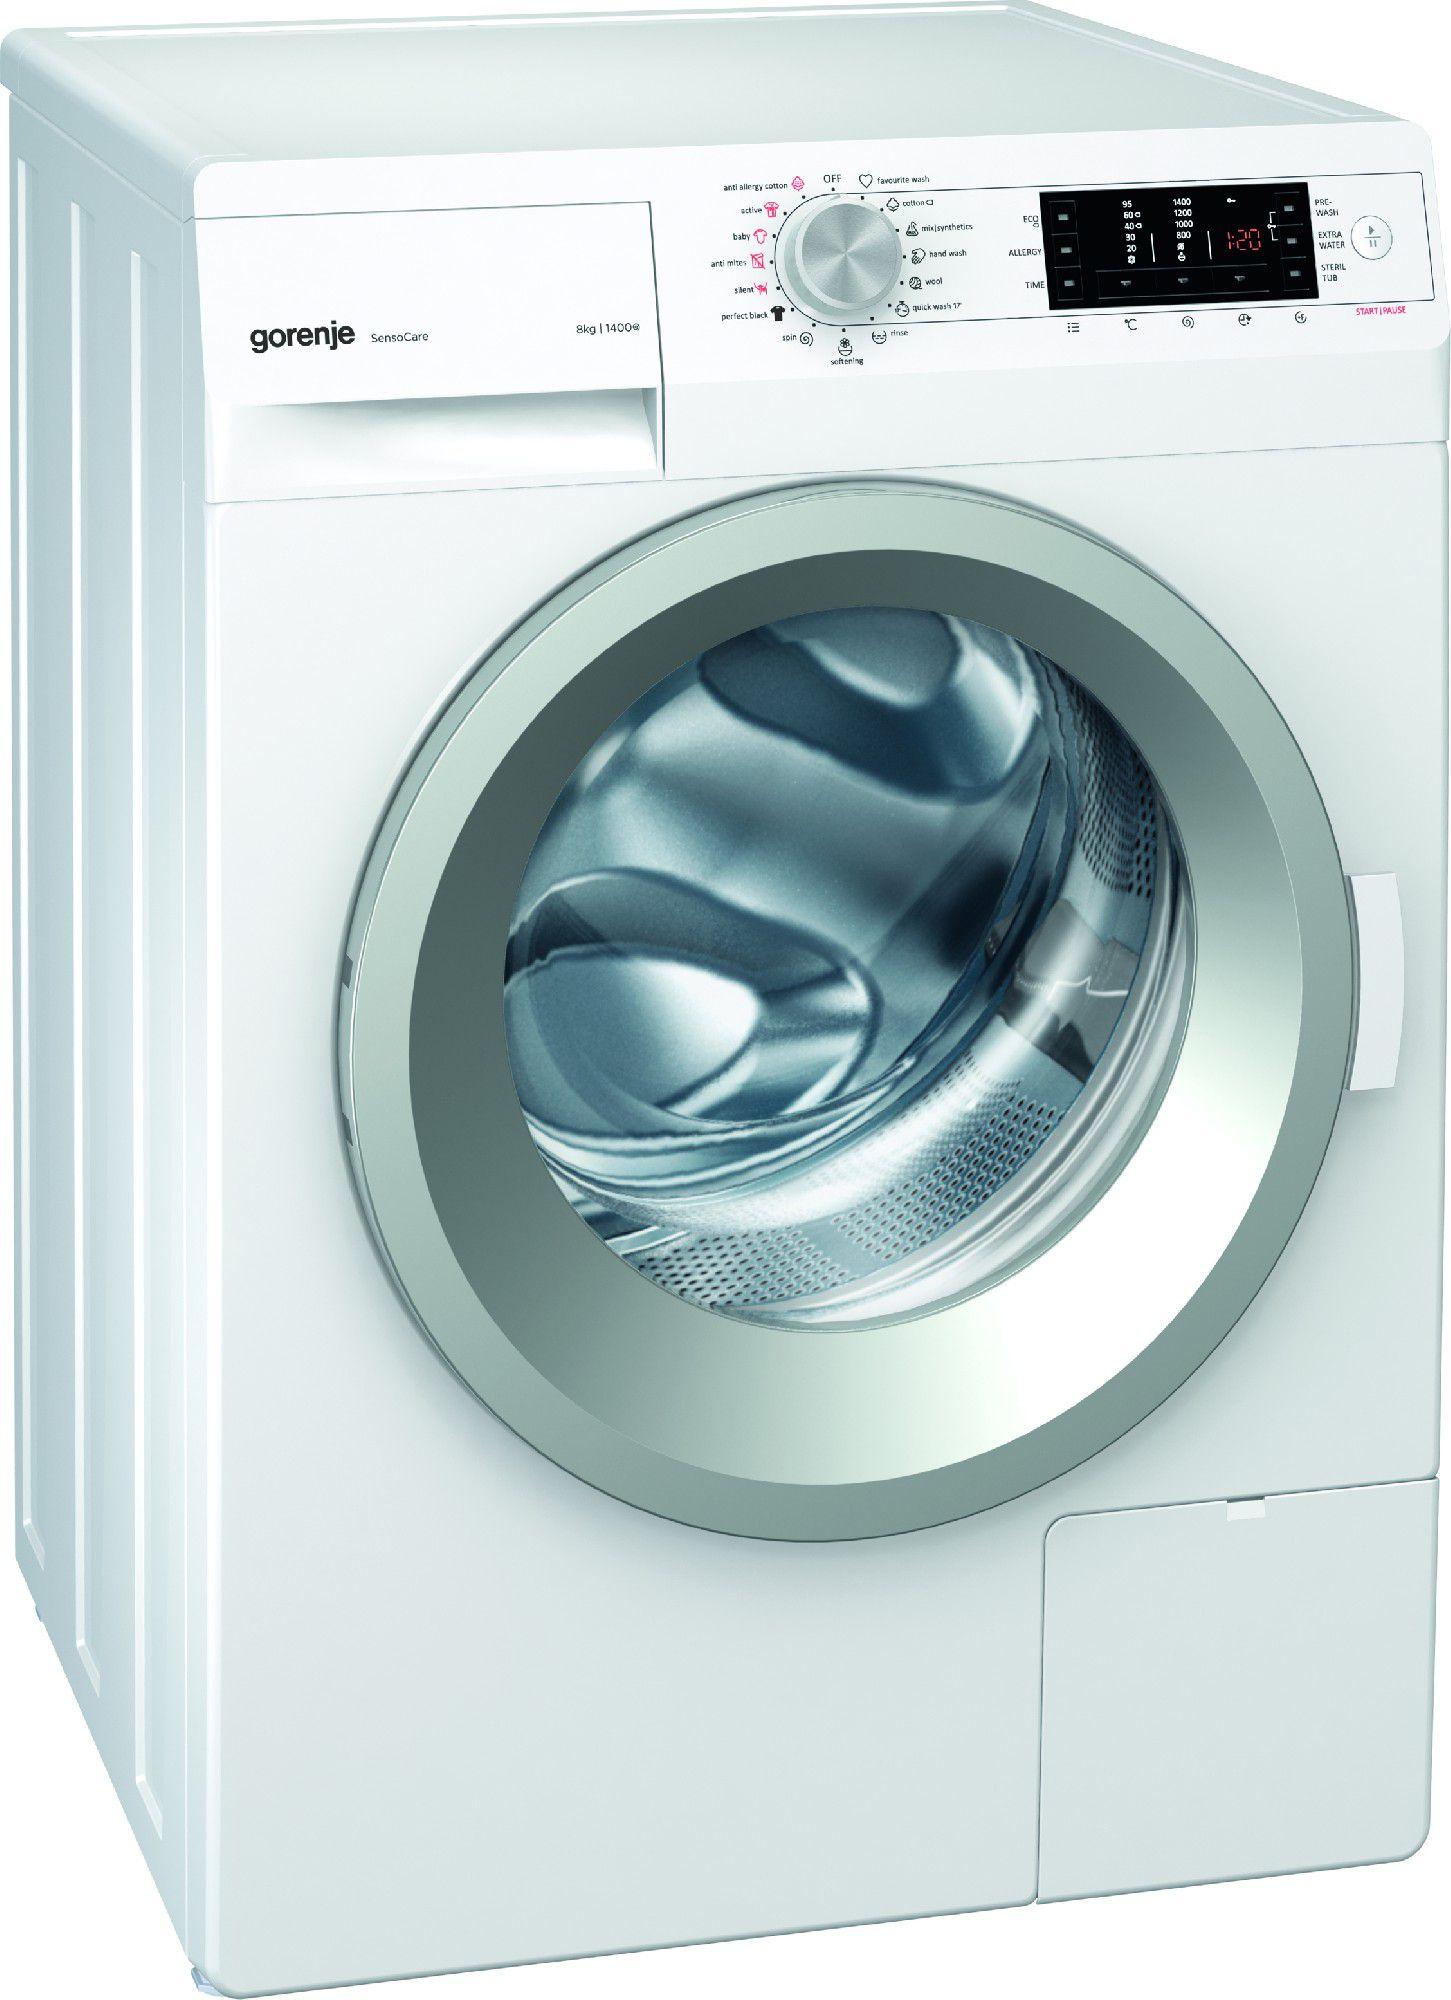 W85F44P/I Gorenje  Washing machine Veļas mašīna